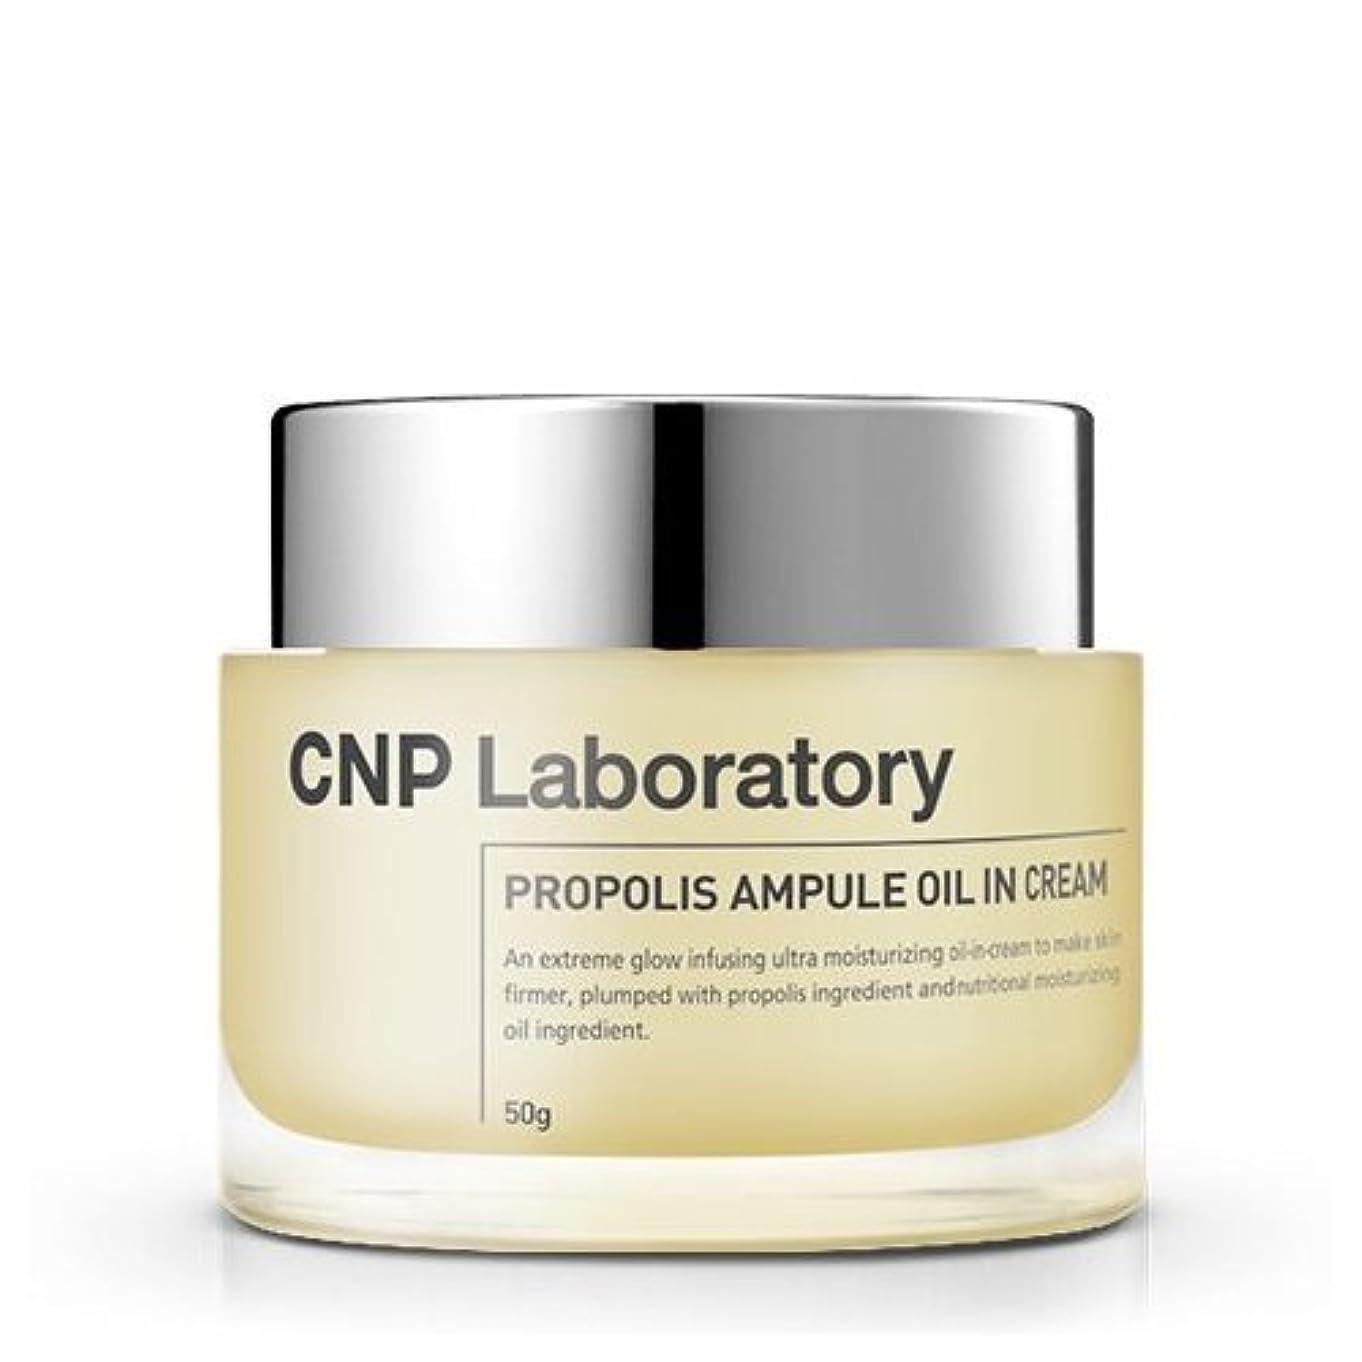 確率岸冊子CNP Laboratory プロポリスアンプルオイルインクリーム50ミリリットル